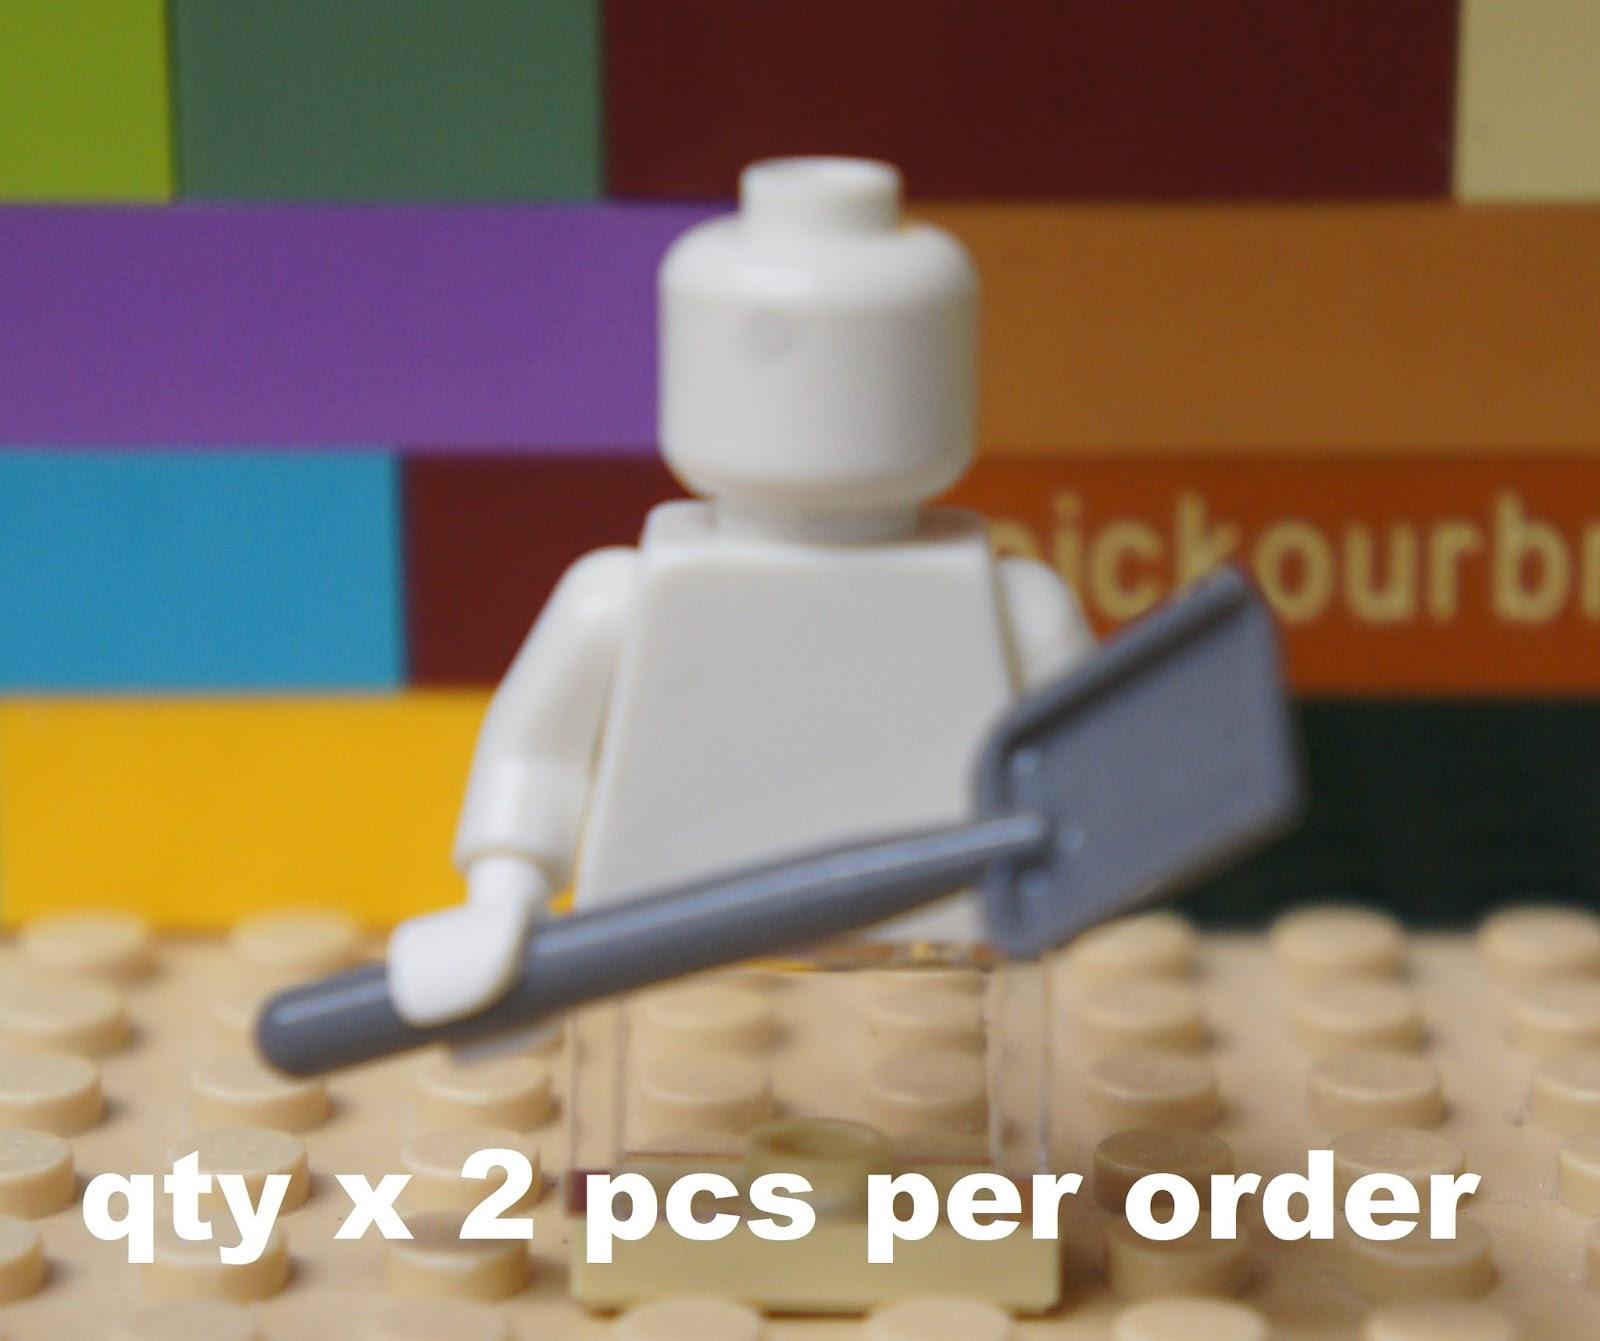 LEGO LOT OF 5 NEW BLACK SHOVELS MINIFIGURE ACCESSORIES PIECES TOOLS